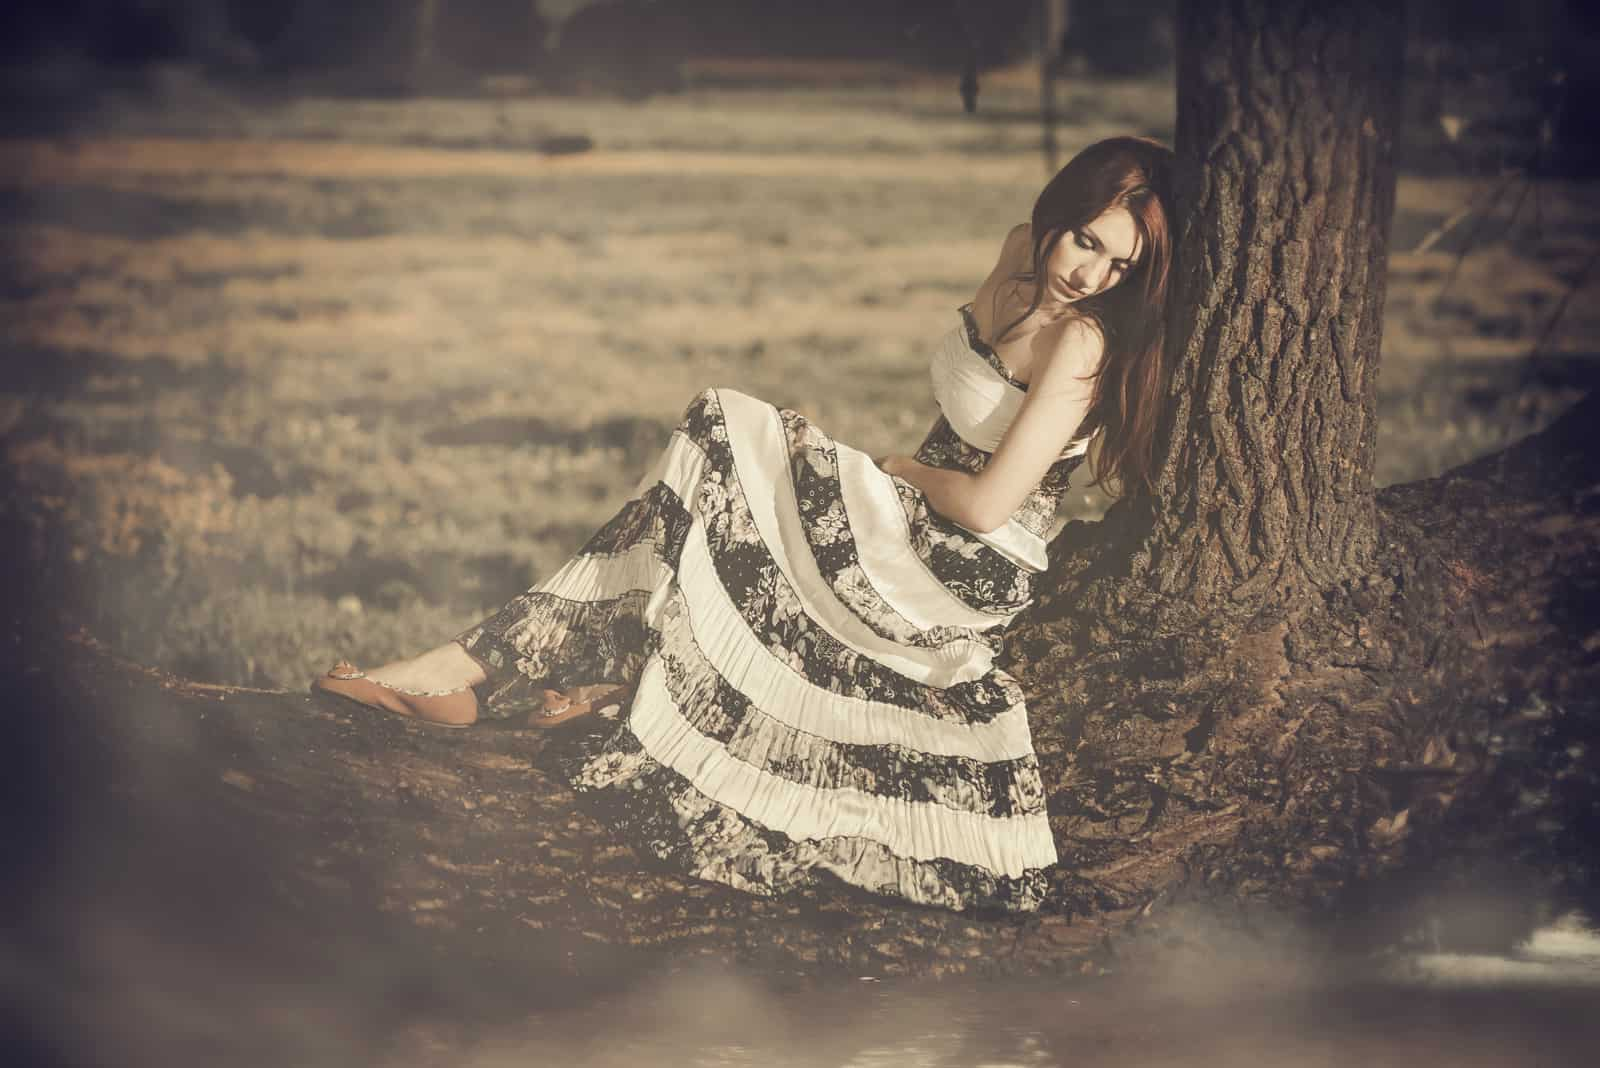 Unter dem Baum sitzt eine traurige Frau in einem schwarz-weißen Kleid